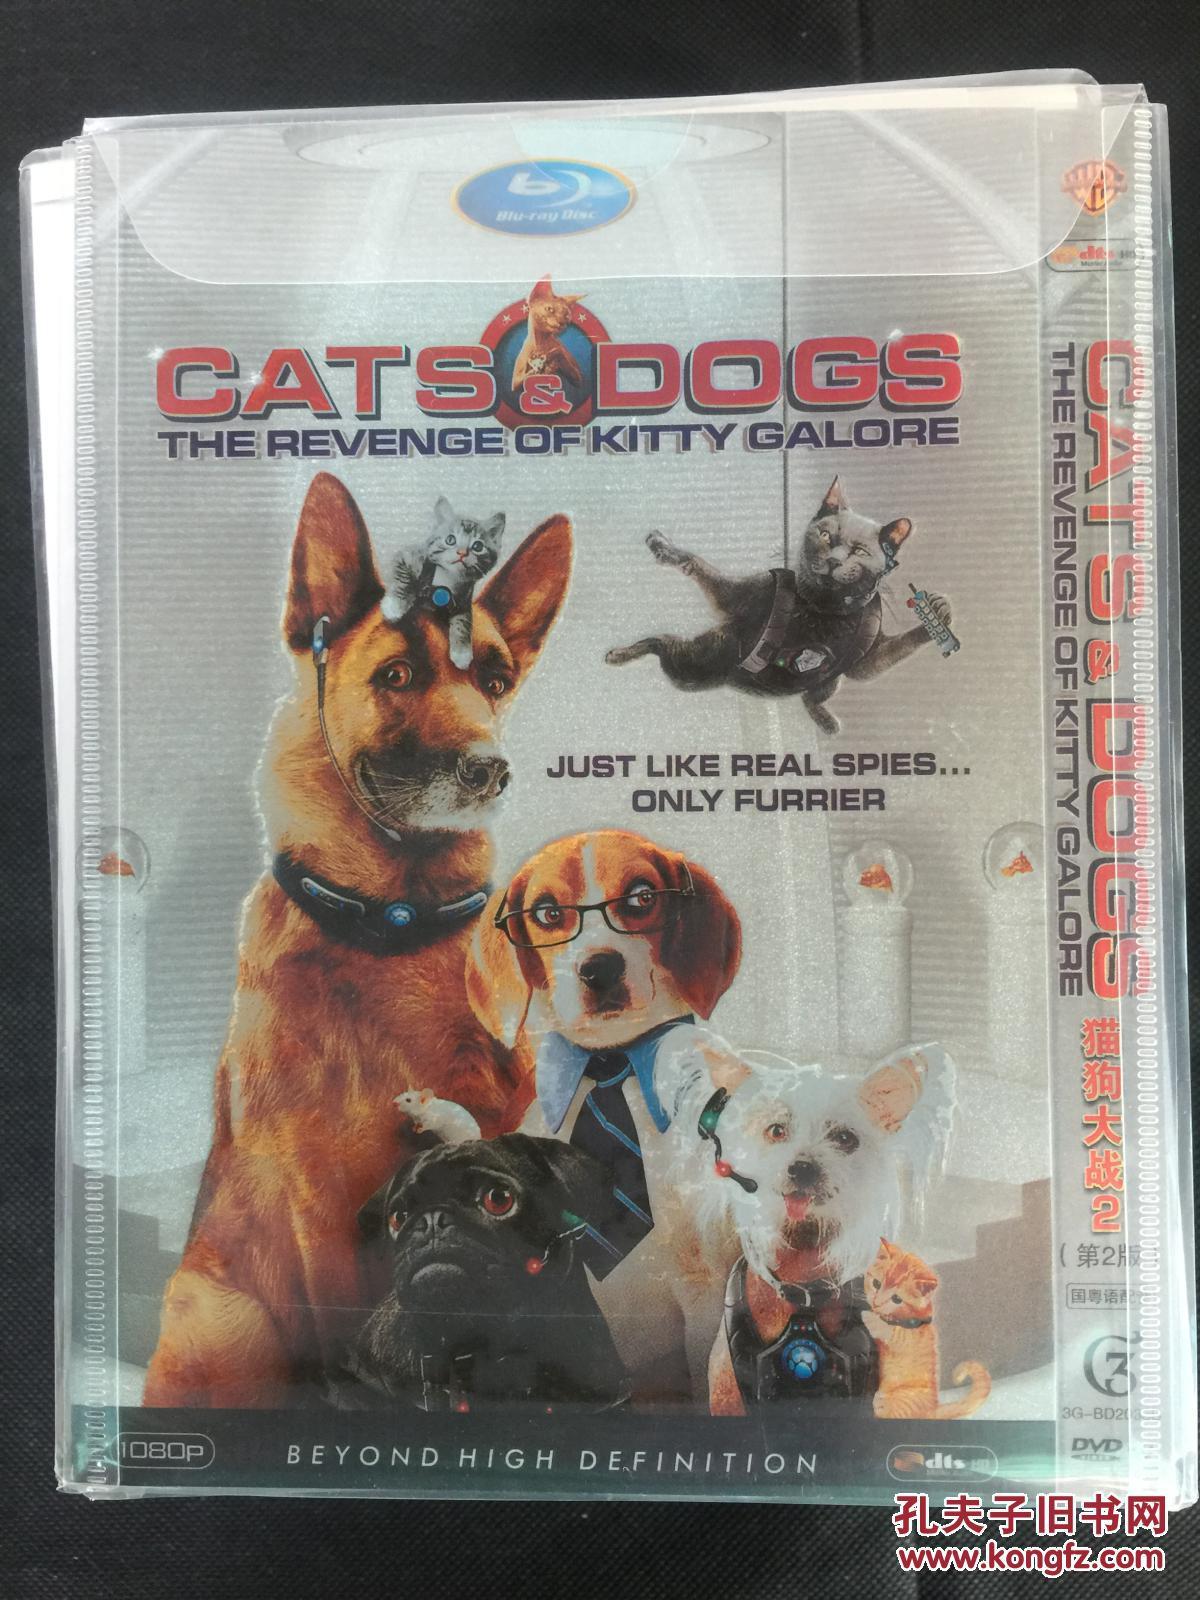 猫狗大战�9.��l#��.9�#_片】猫狗大战:珍珠猫复仇 cats & dogs: the revenge of kitty galore